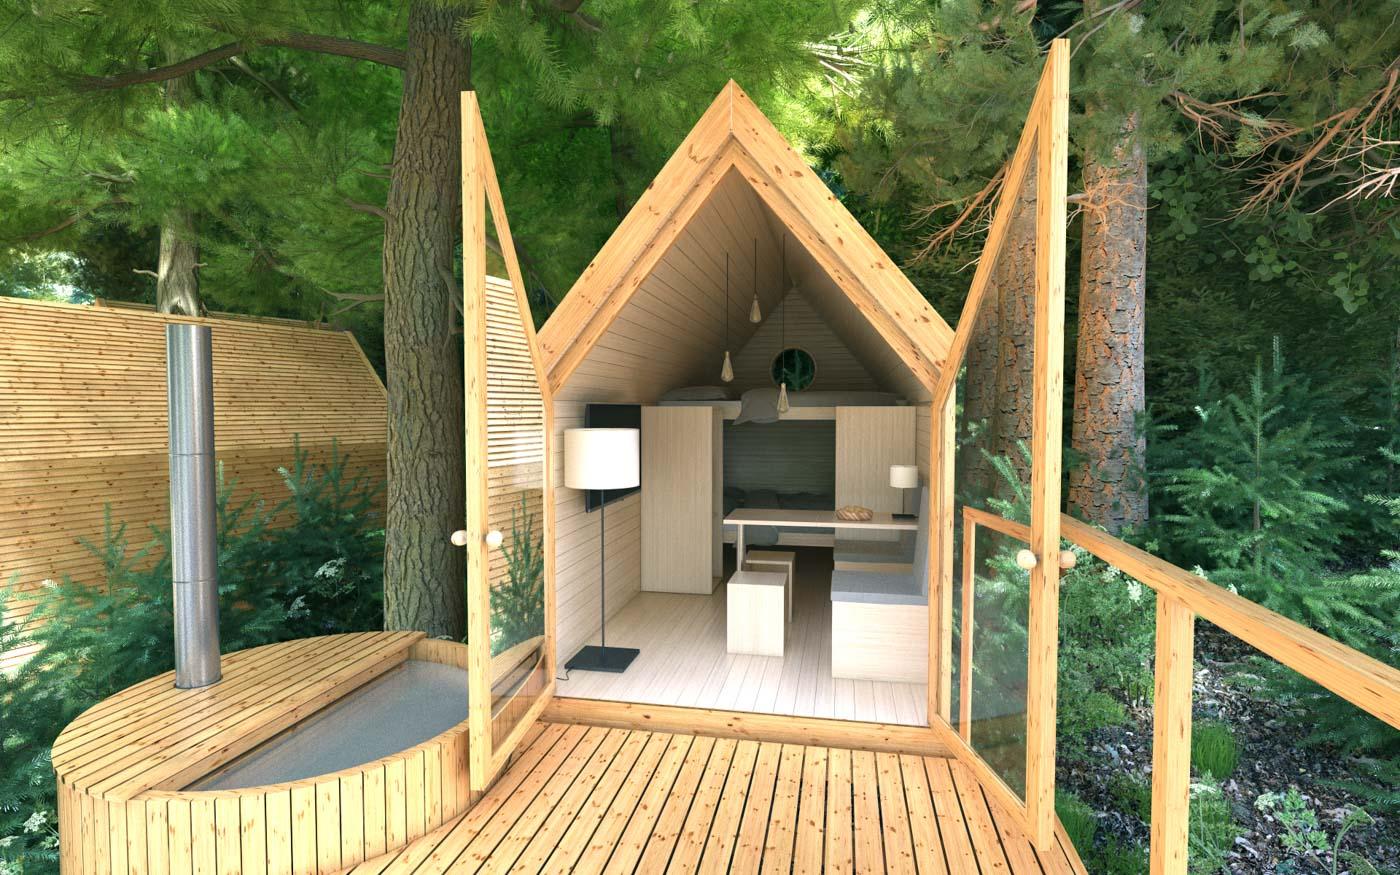 Holzhaus vom Bleds Glamping Ribno mitten in die Natur.